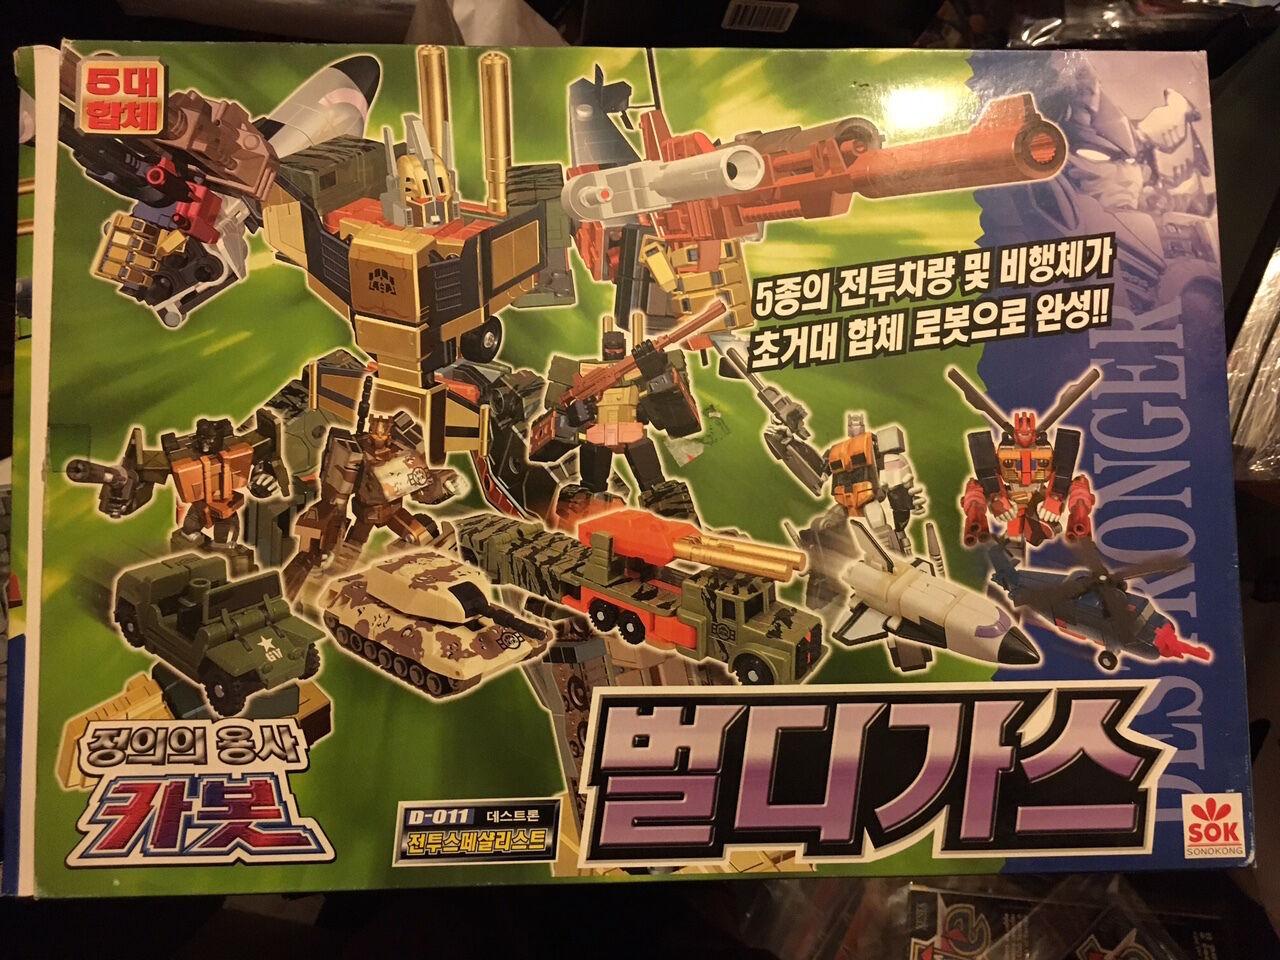 Envio gratis en todas las ordenes Transformers Baldigus Bruticus RID versione Sonokong Sonokong Sonokong Koreana NO g1 takara hasbro  más vendido